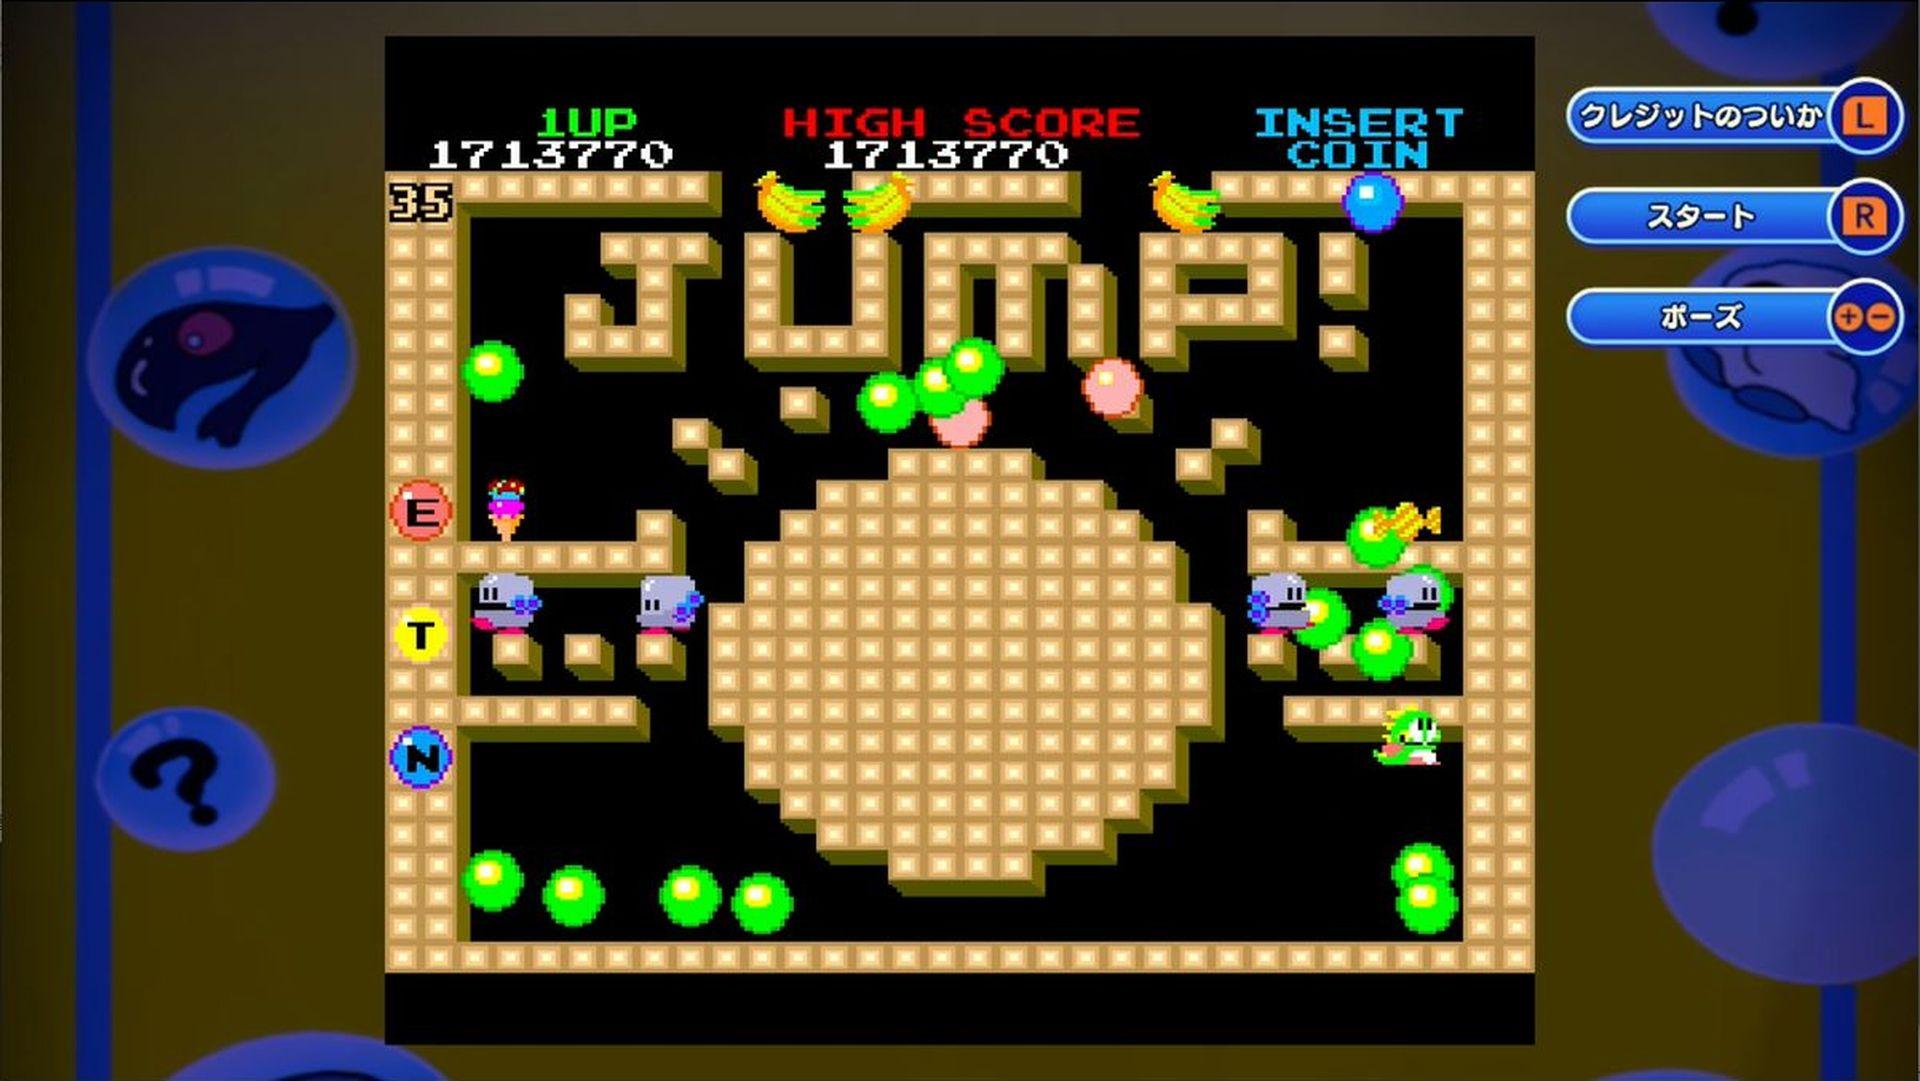 レトロゲームファンにはうれし懐かし、初代「バブルボブル」もプレイ可能だ